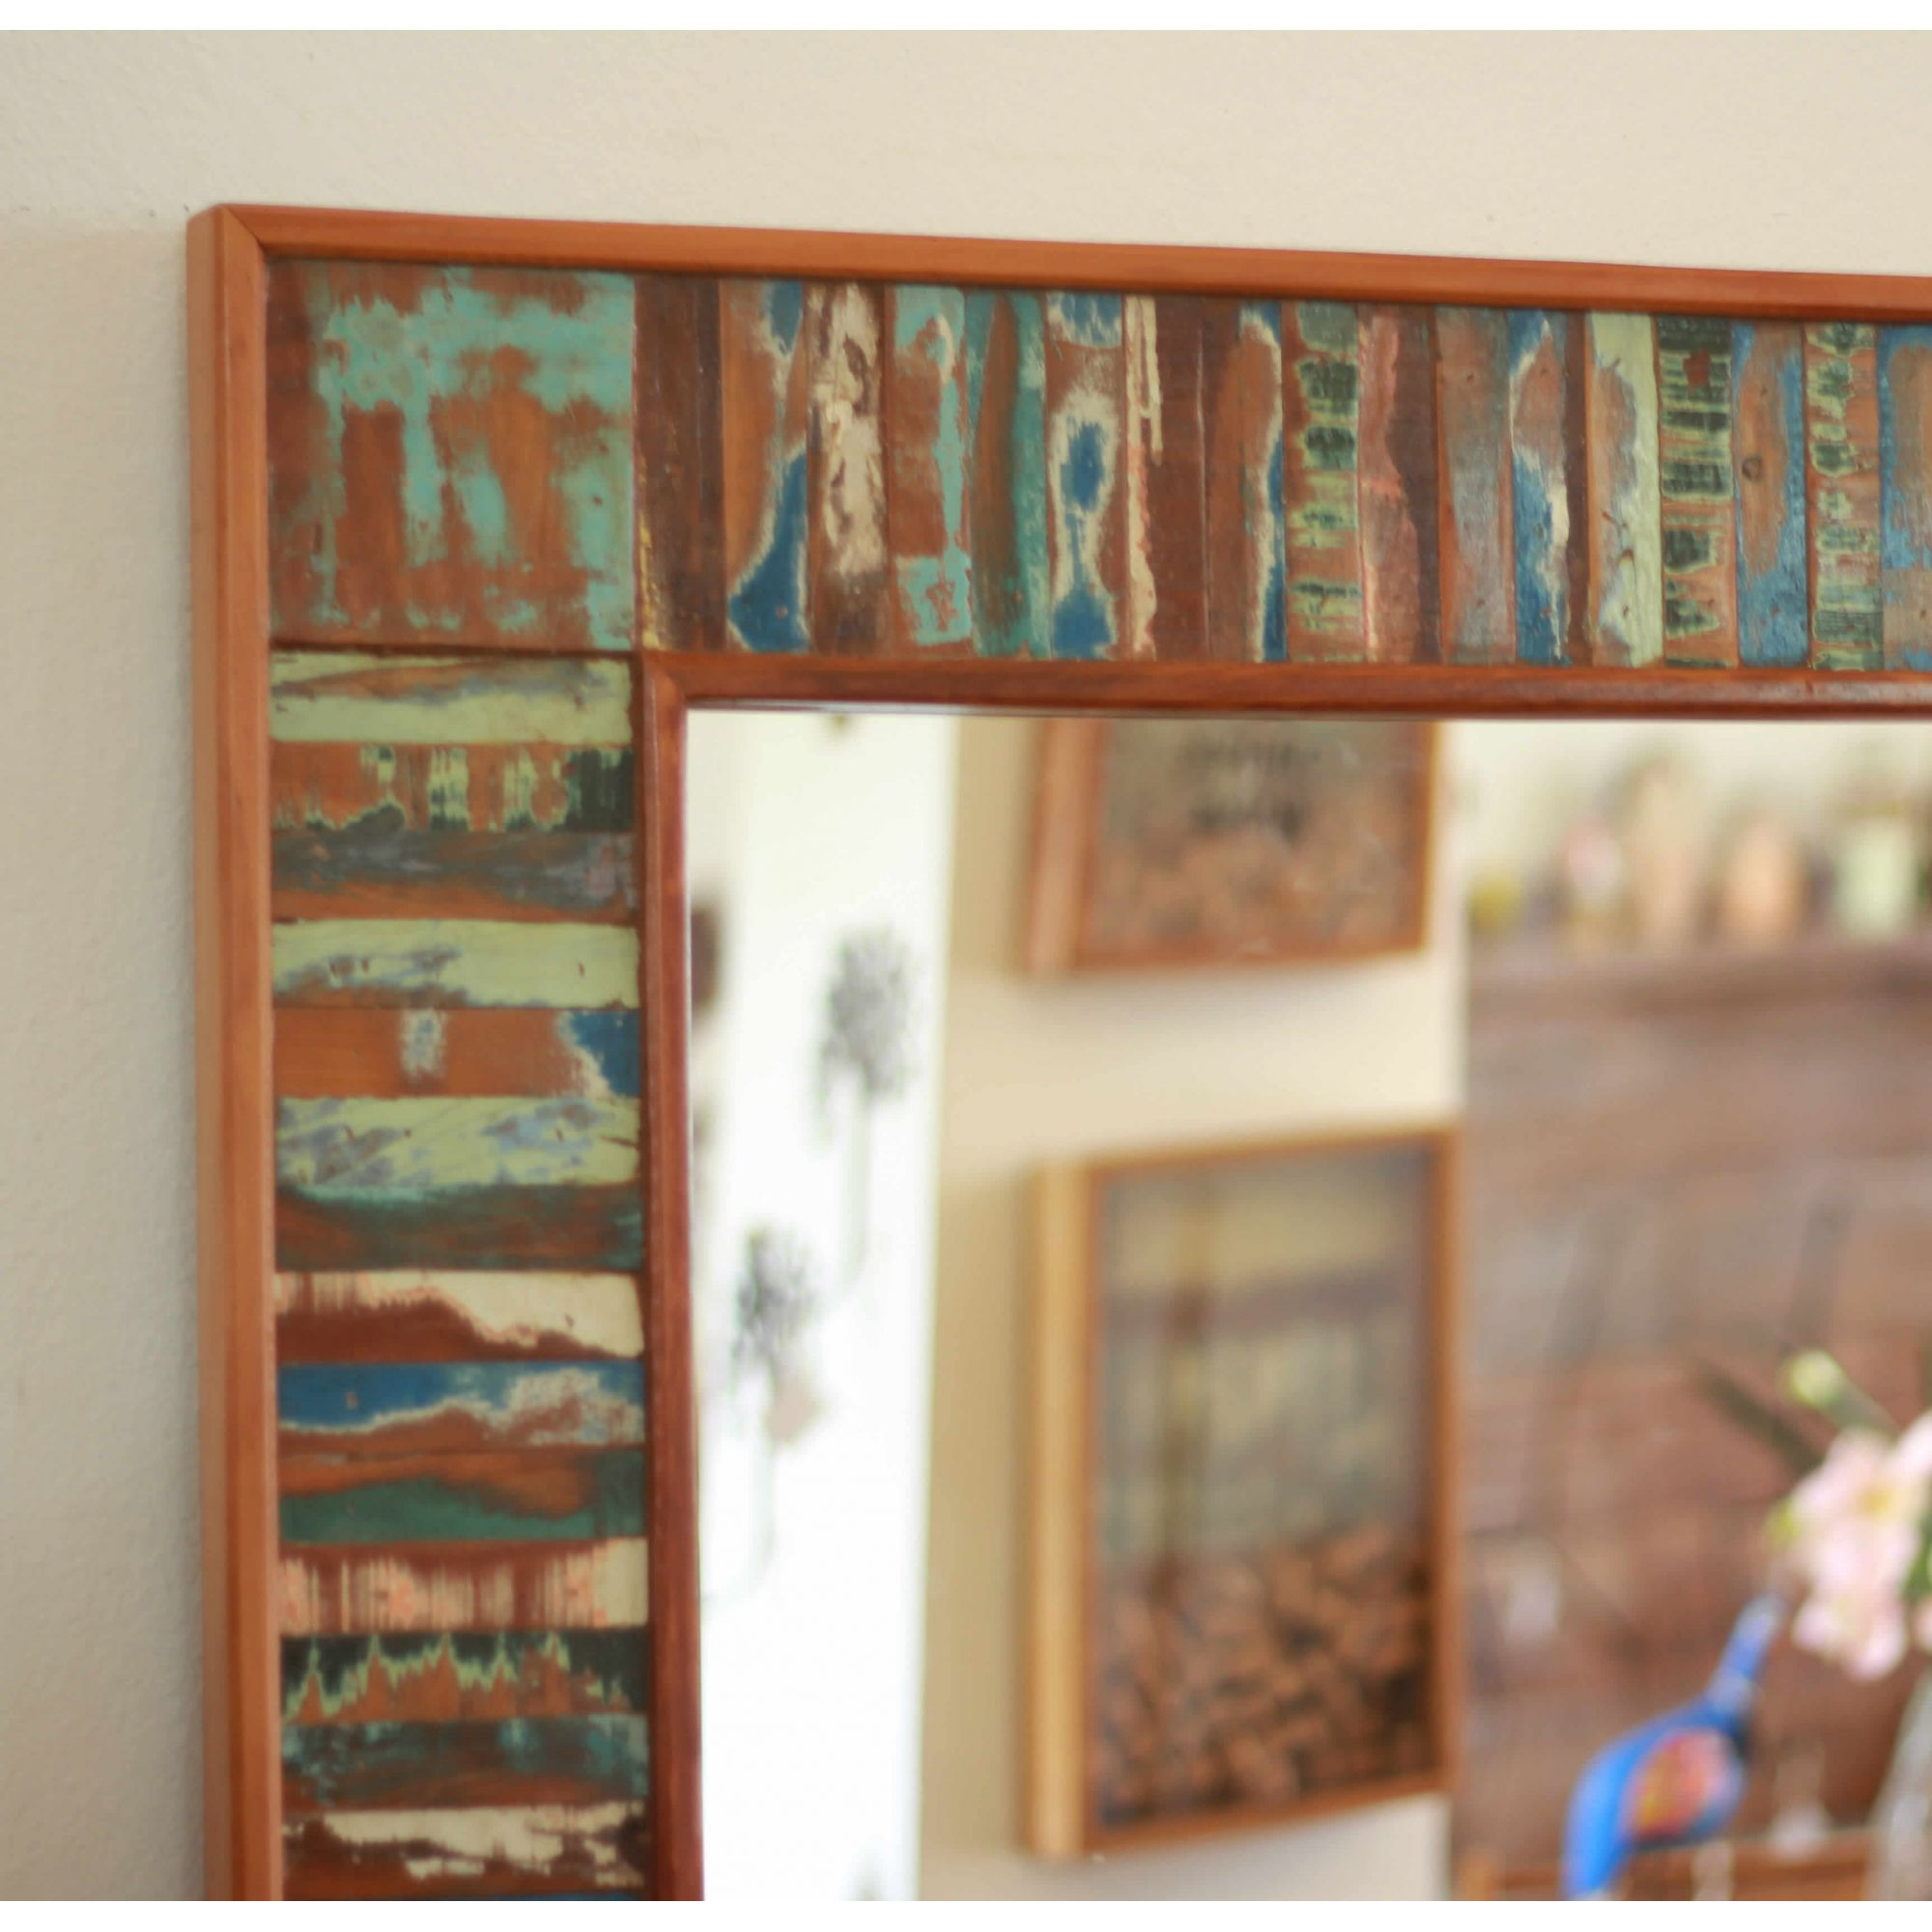 Moldura Para Espelho Ripinhas Em Madeira De Demolição 1,80 x 0,80 - Sem Espelho